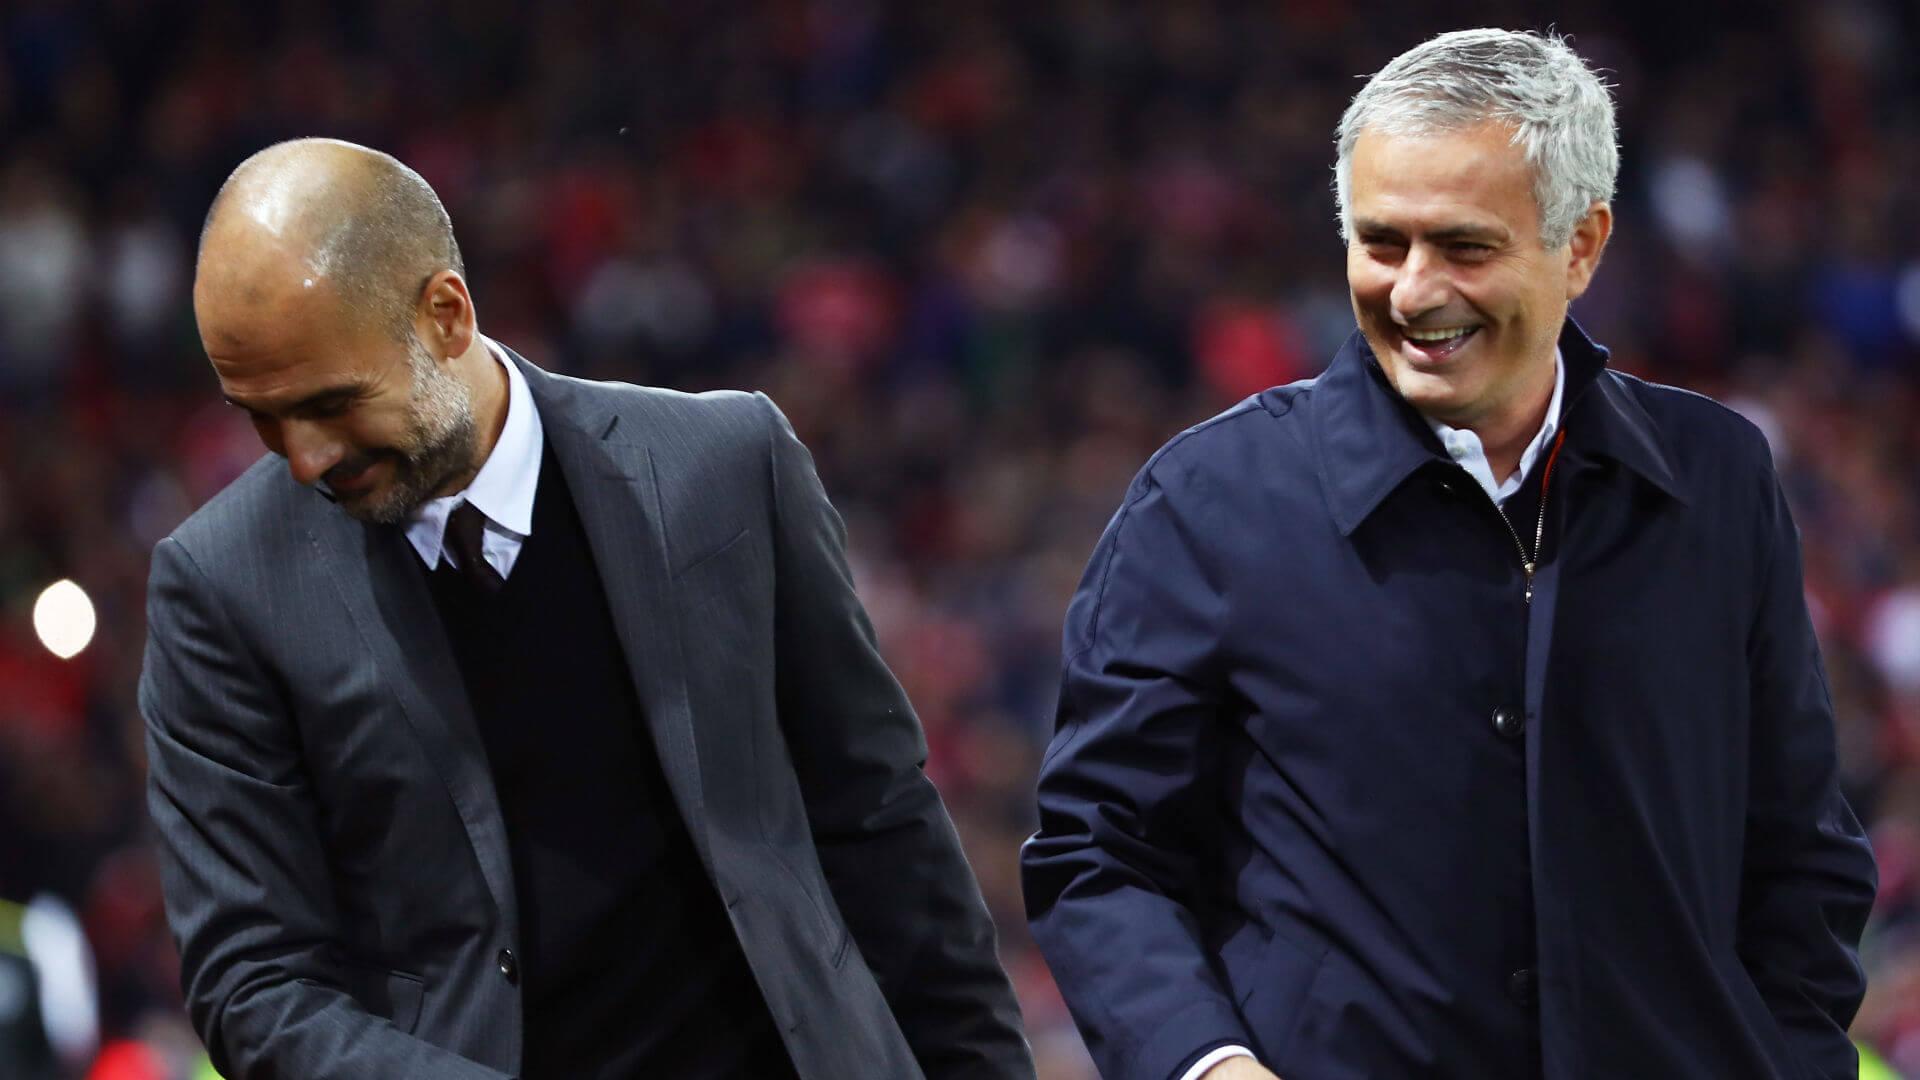 pep-guardiola-manchester-city-jose-mourinho-manchester-united_owztpwvw4vvhzd7sdr8uhhwj